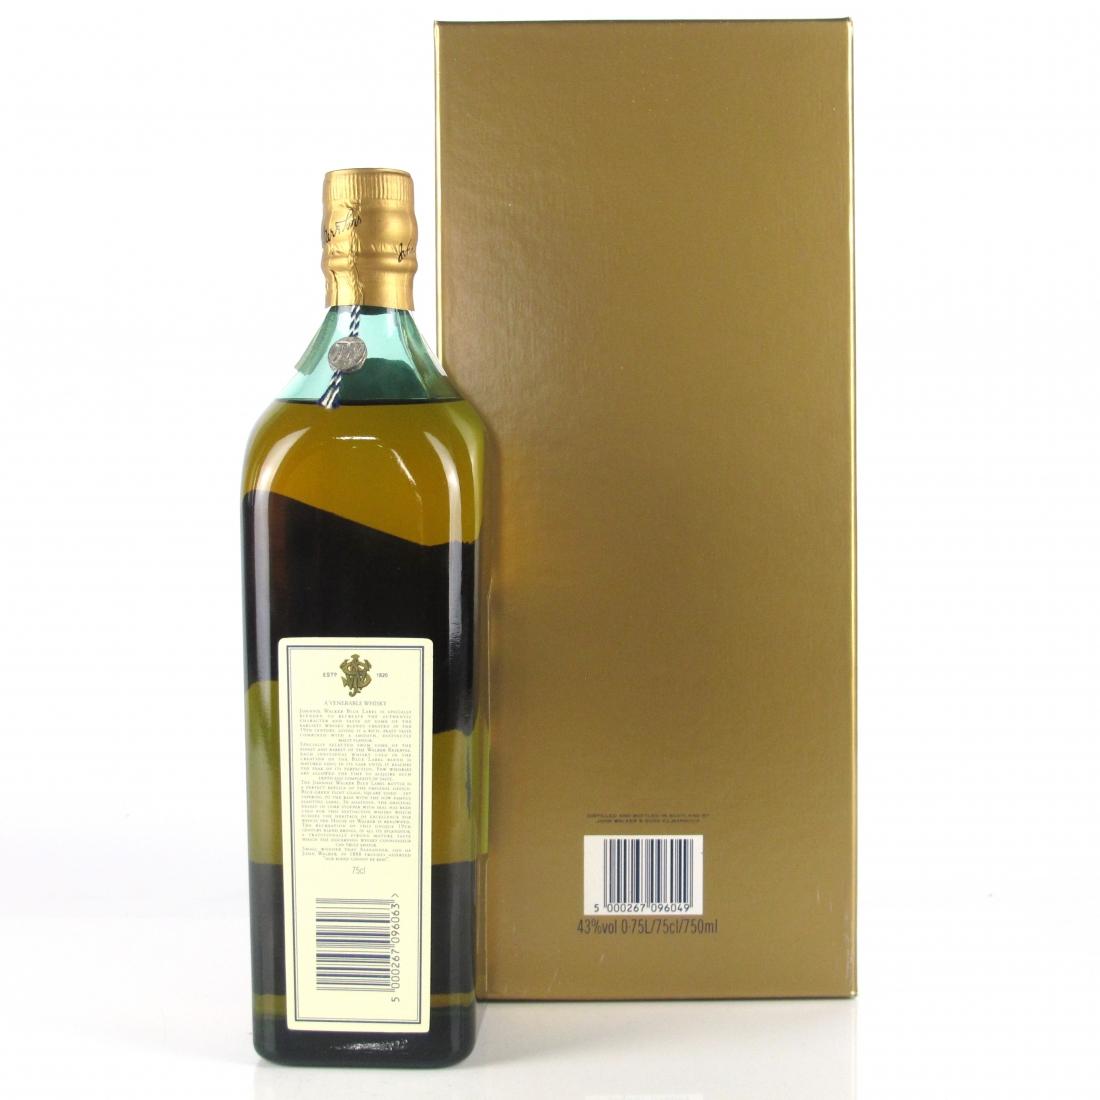 Johnnie Walker Blue Label 75cl / Venezuelan Import